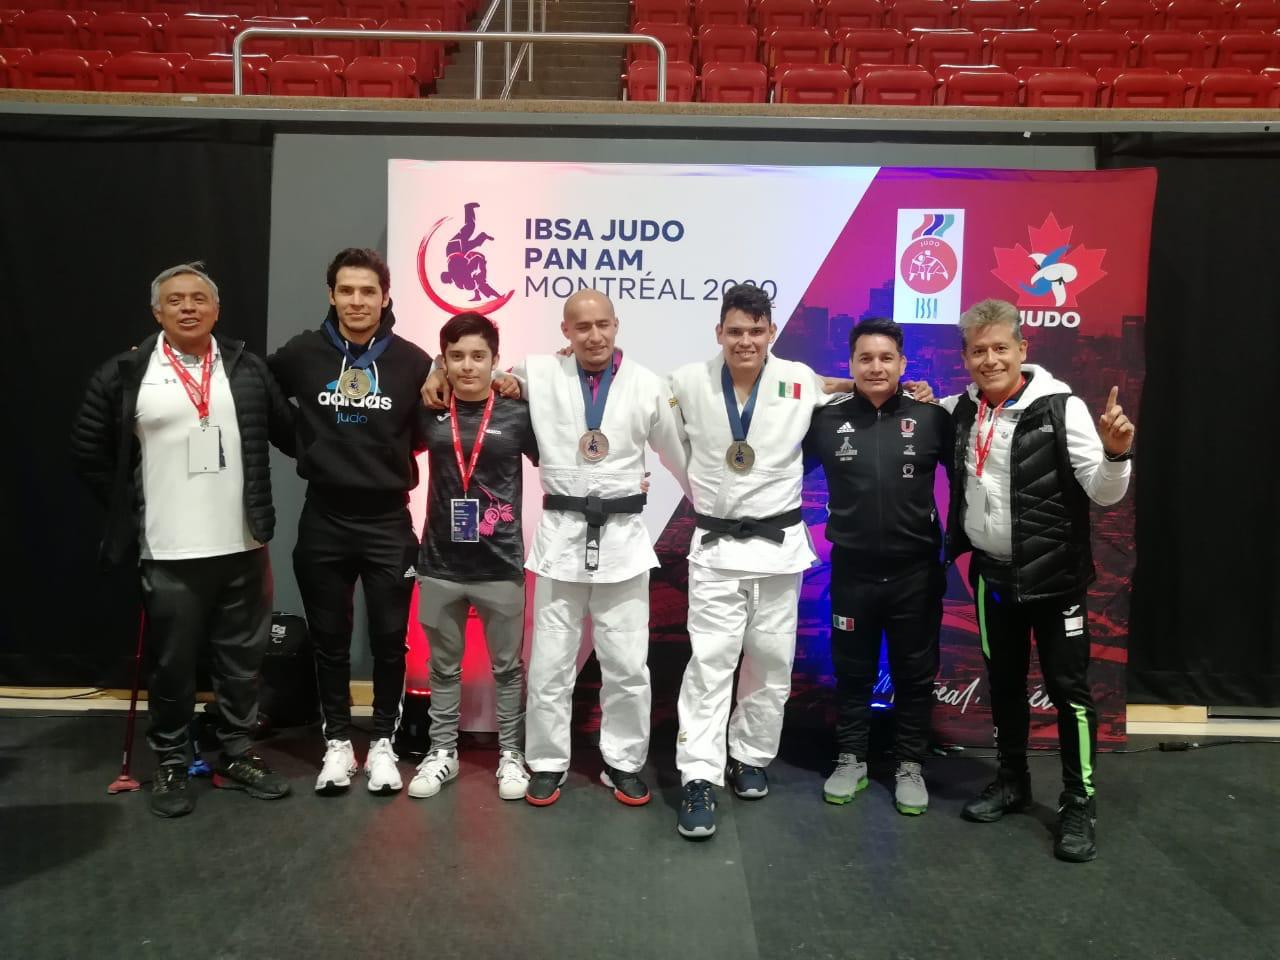 Eduardo Ávila y Brayan Valencia conquistaron las preseas áureas, en el certamen que otorgó puntos a Tokio 2020. Conade.